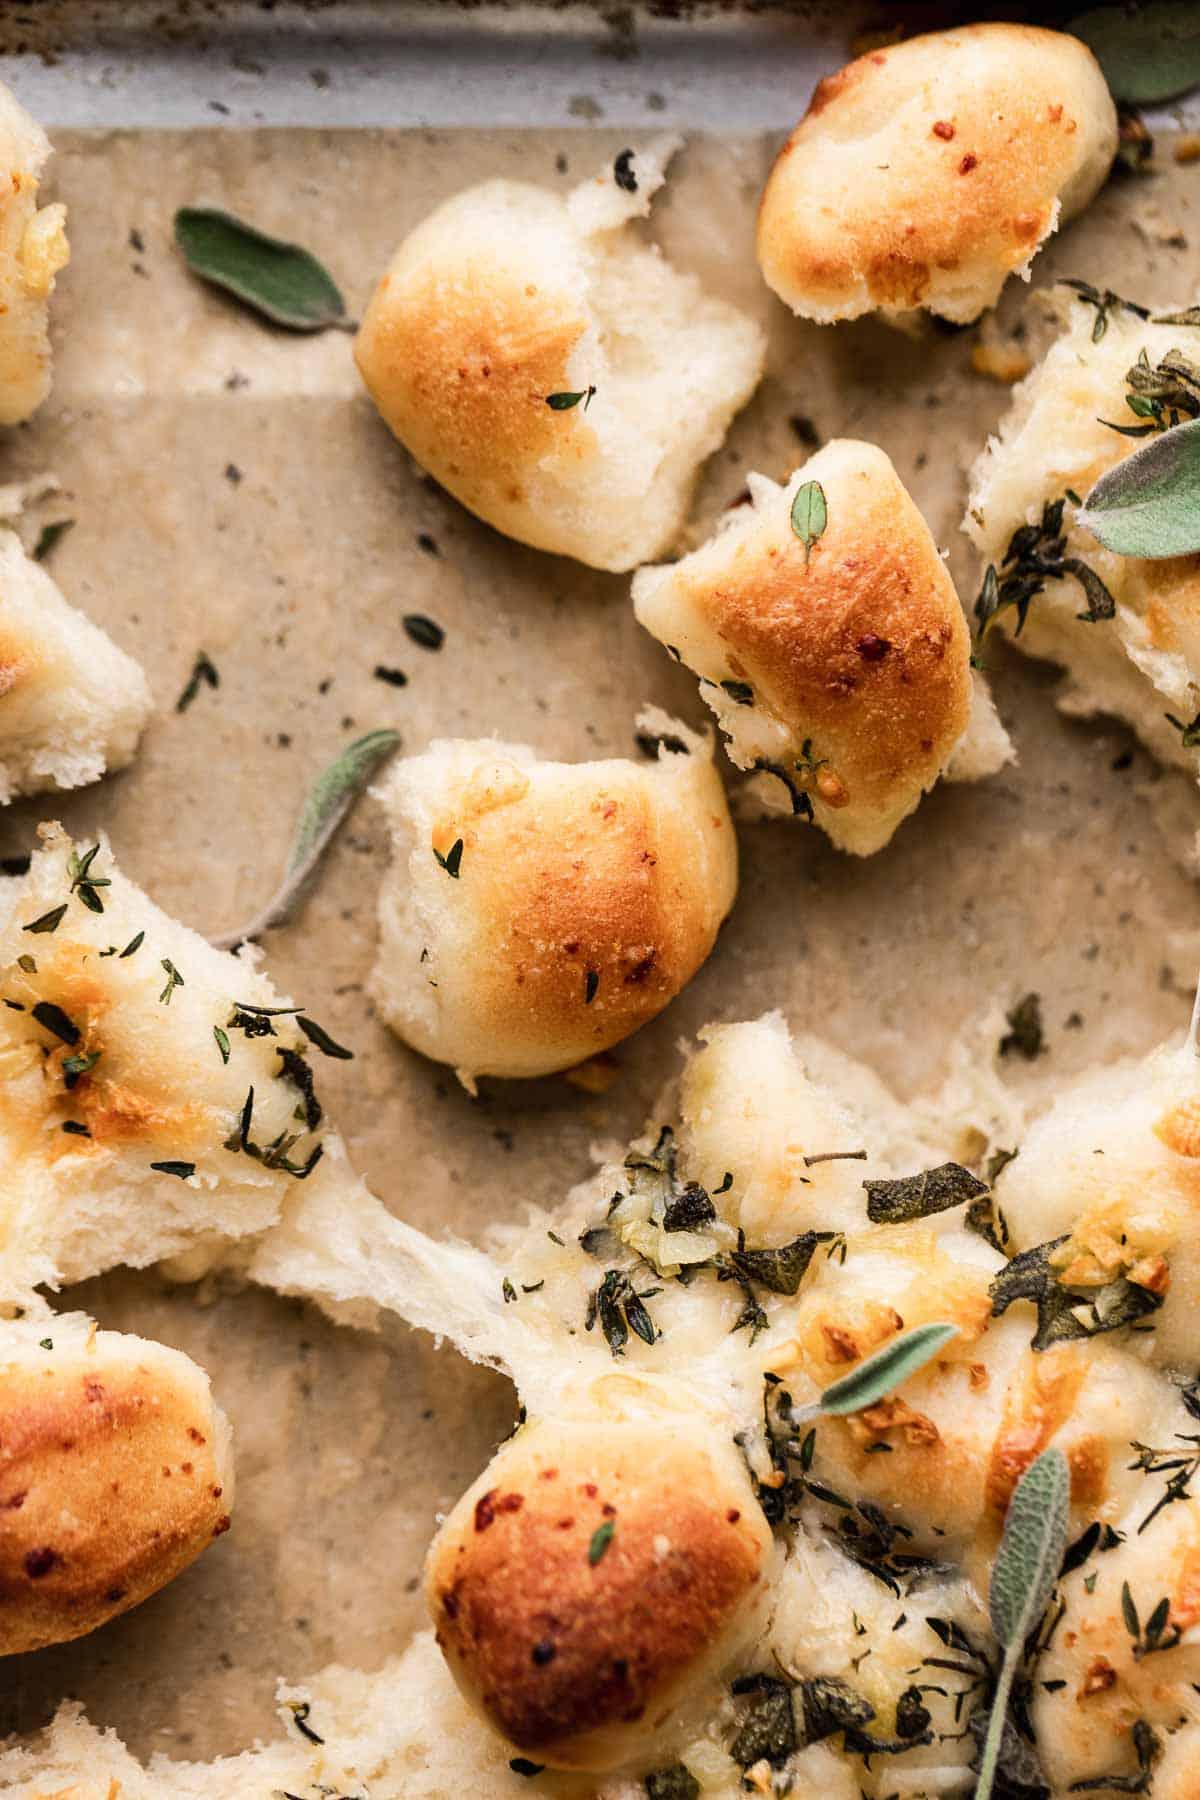 parmesan bread bites after baking.